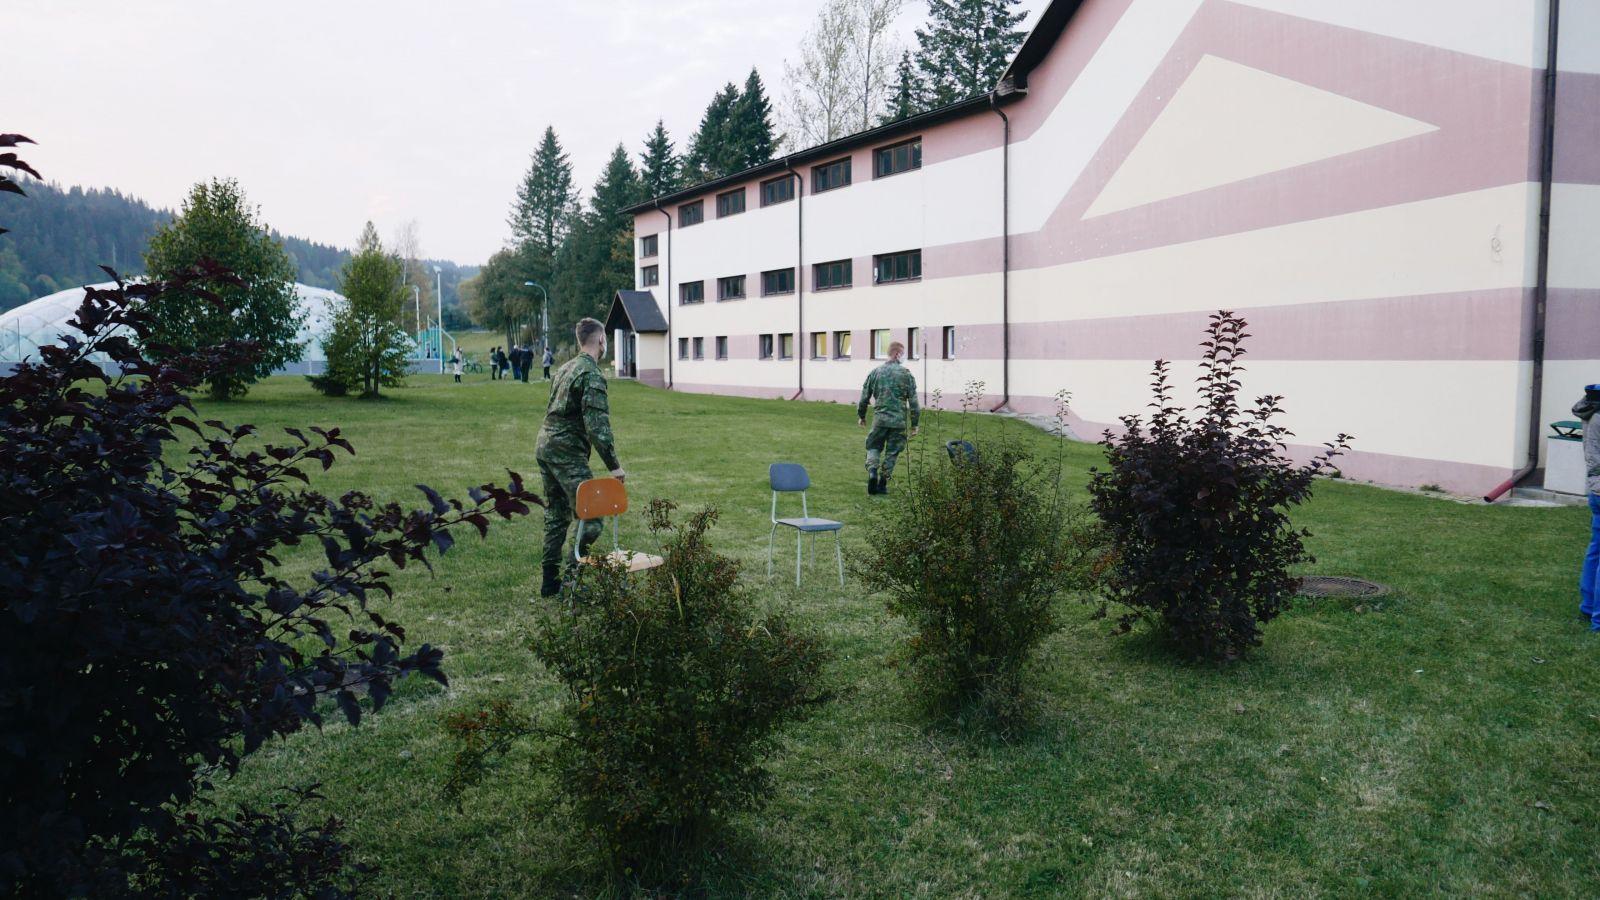 Vojaci doniesli ku radu pred športovú halu stoličky okolo 17:30